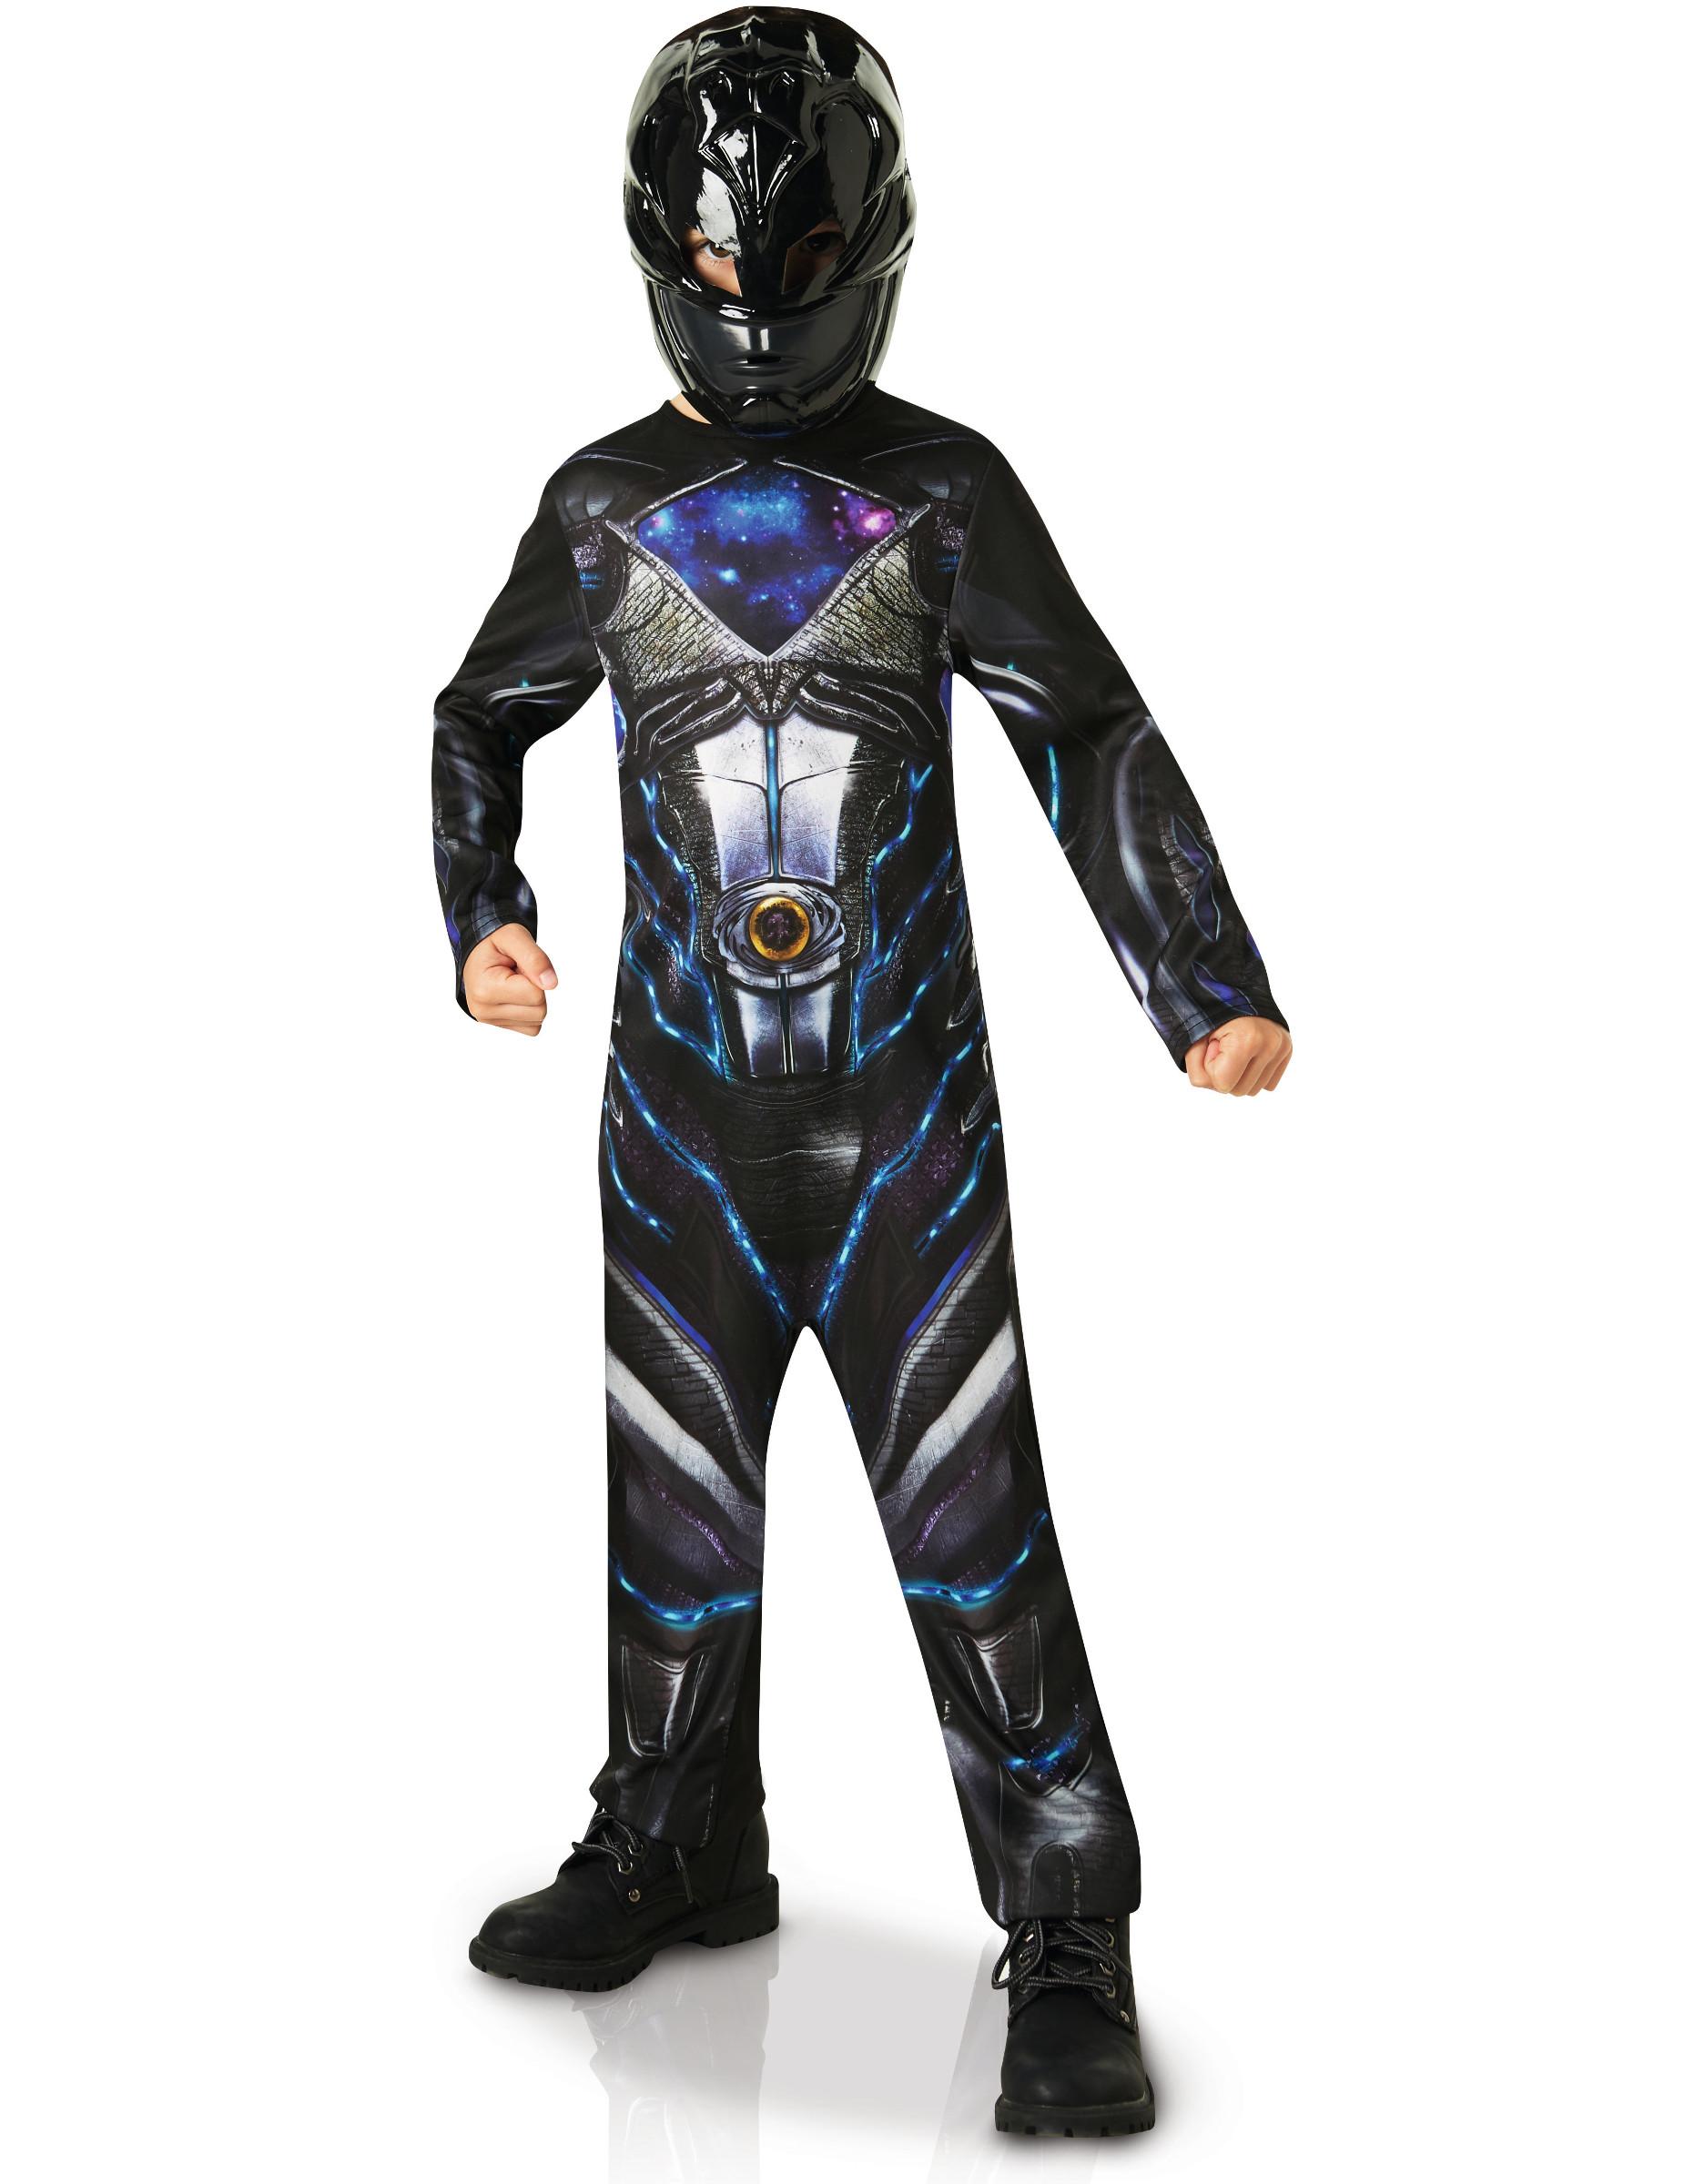 D guisement classique power rangers noir enfant deguise - Masque de power rangers ...